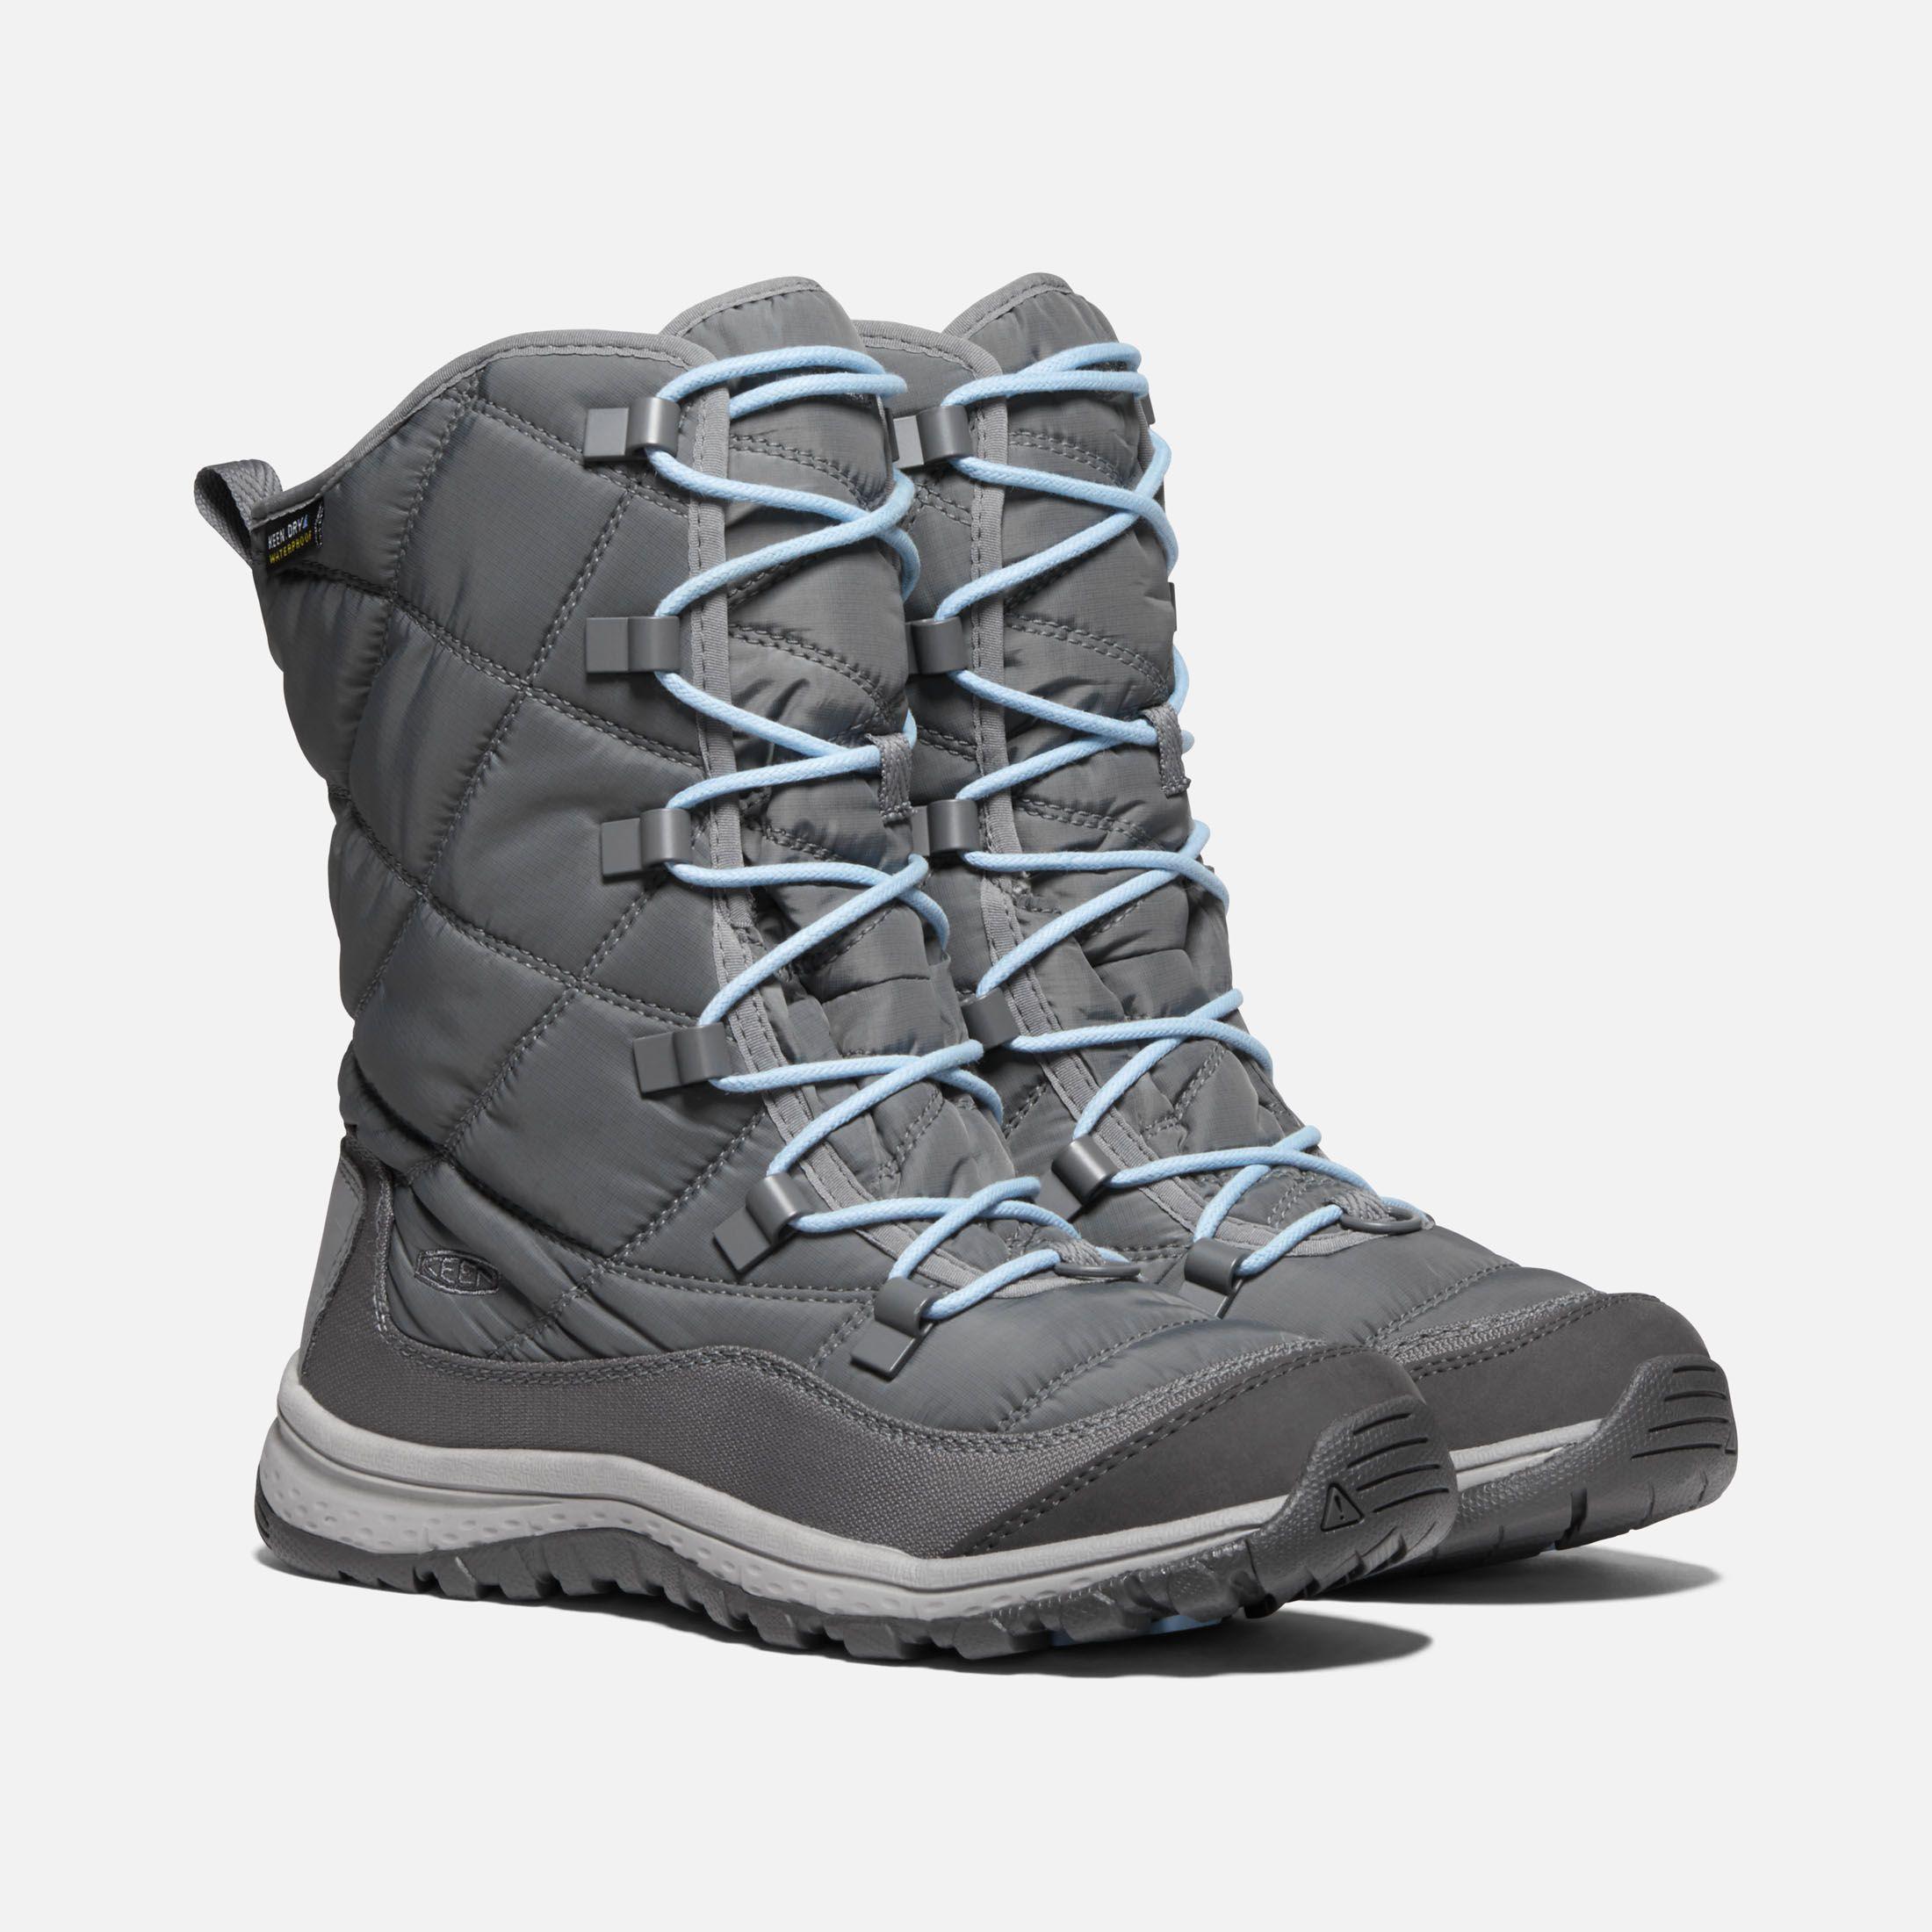 Photo of Keen Women's Waterproof Terradora Lace Boot Size 11, In Steel Grey/Forget Me Not